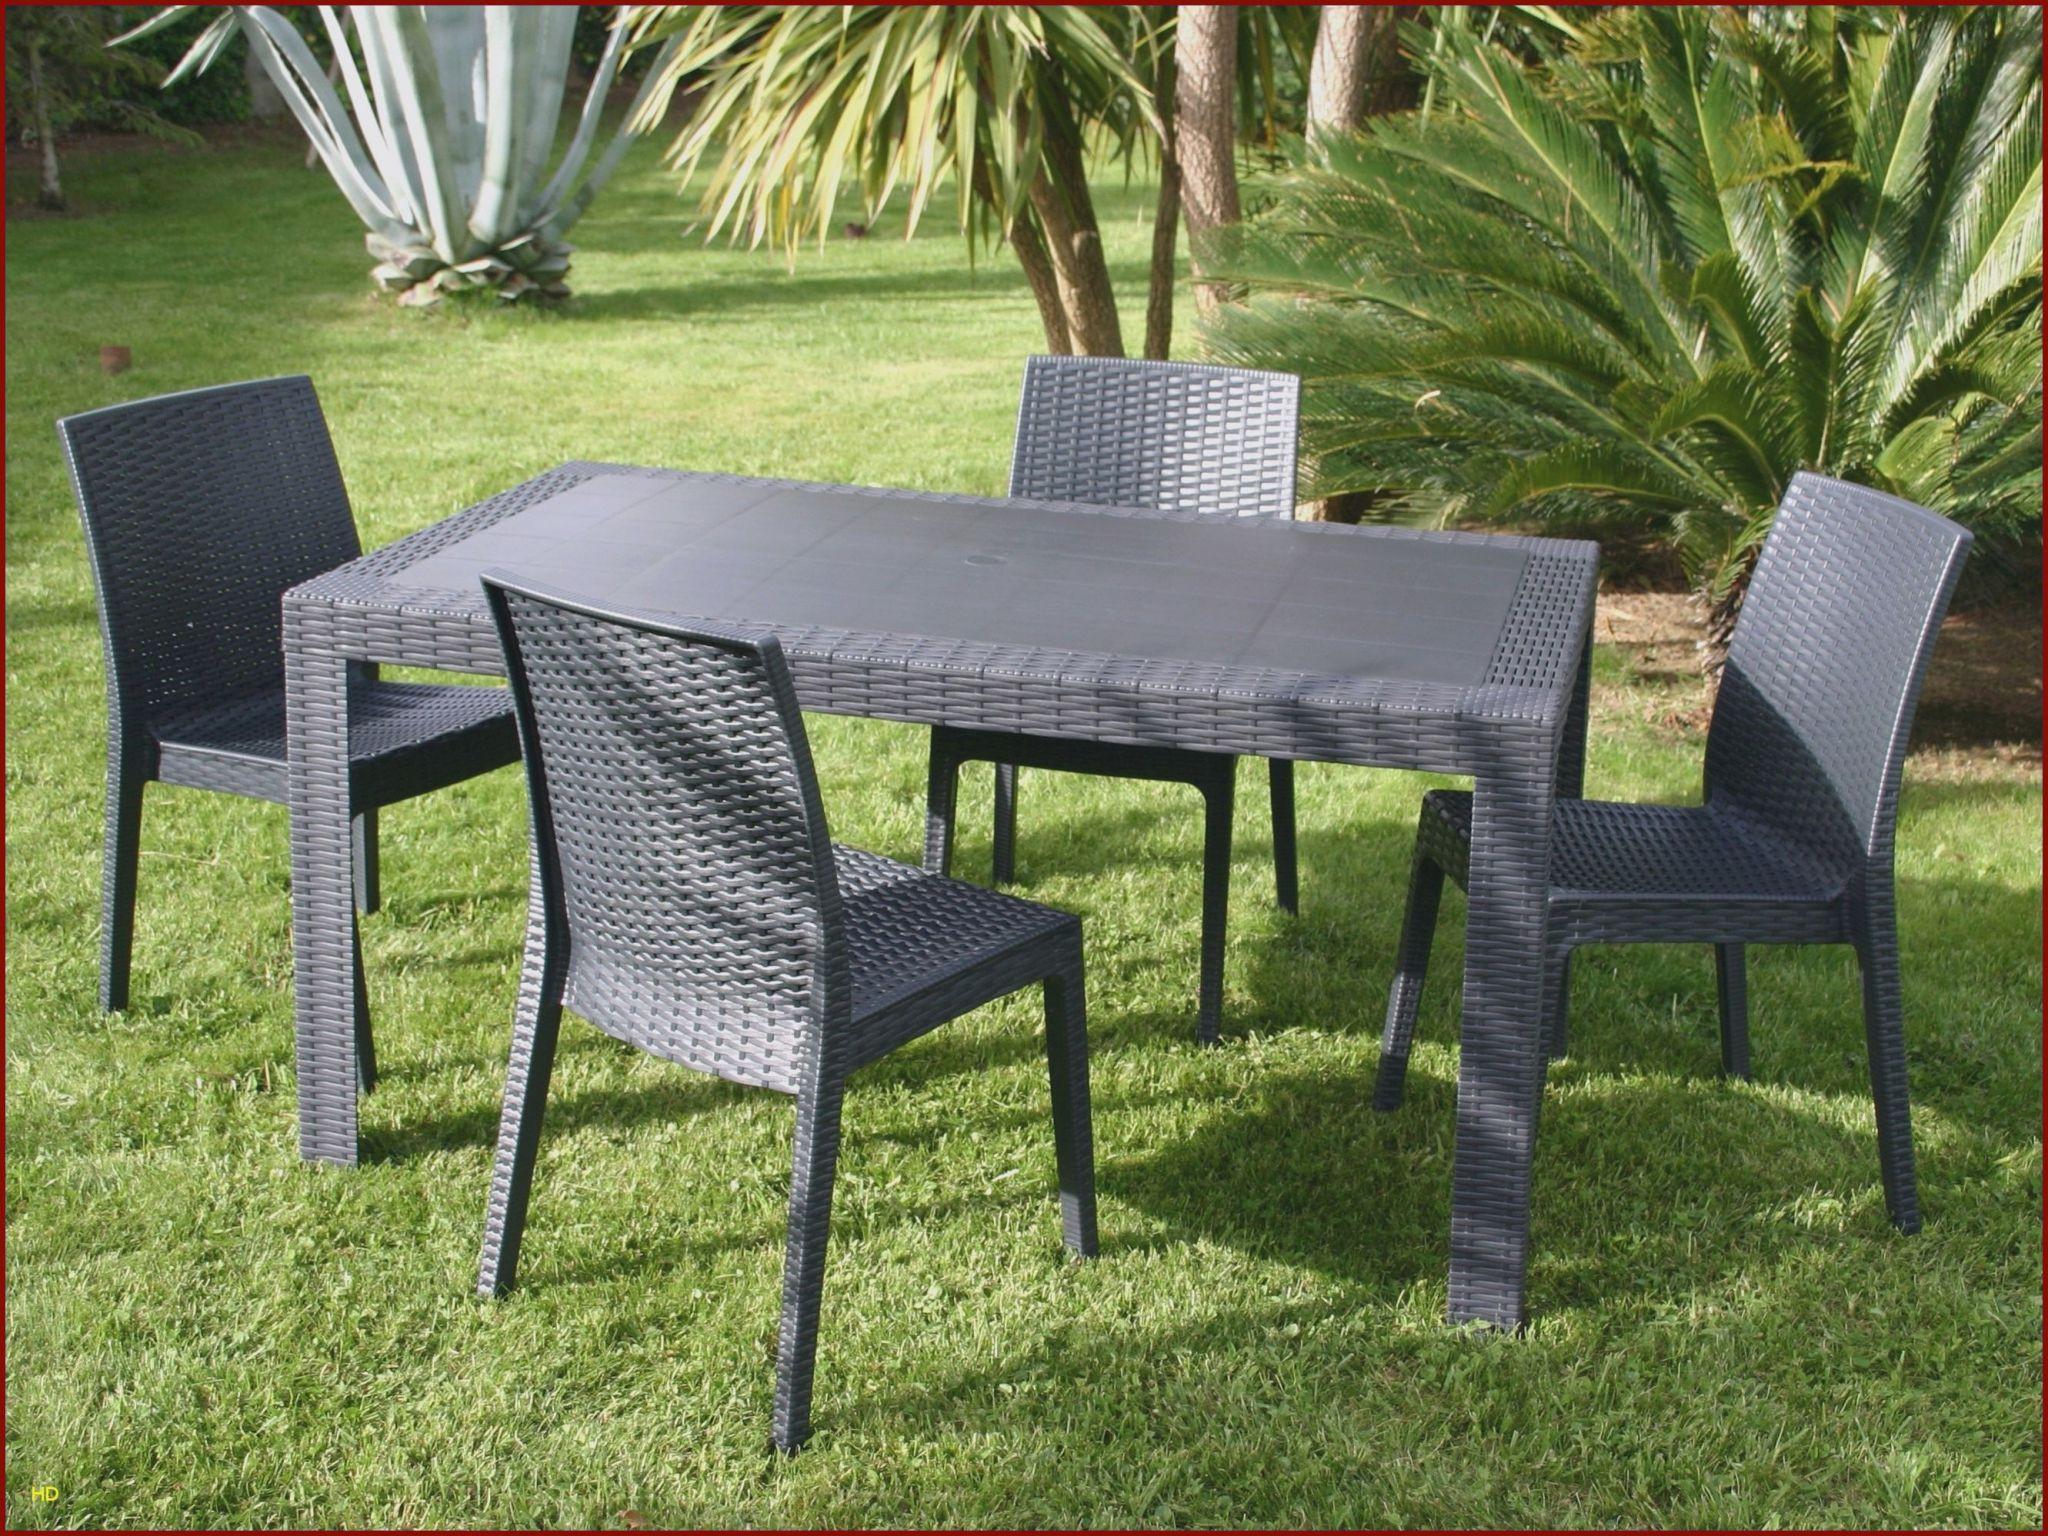 chaises et fauteuils de jardin chaises luxe chaise ice 0d table jardin resine lovely of chaises et fauteuils de jardin